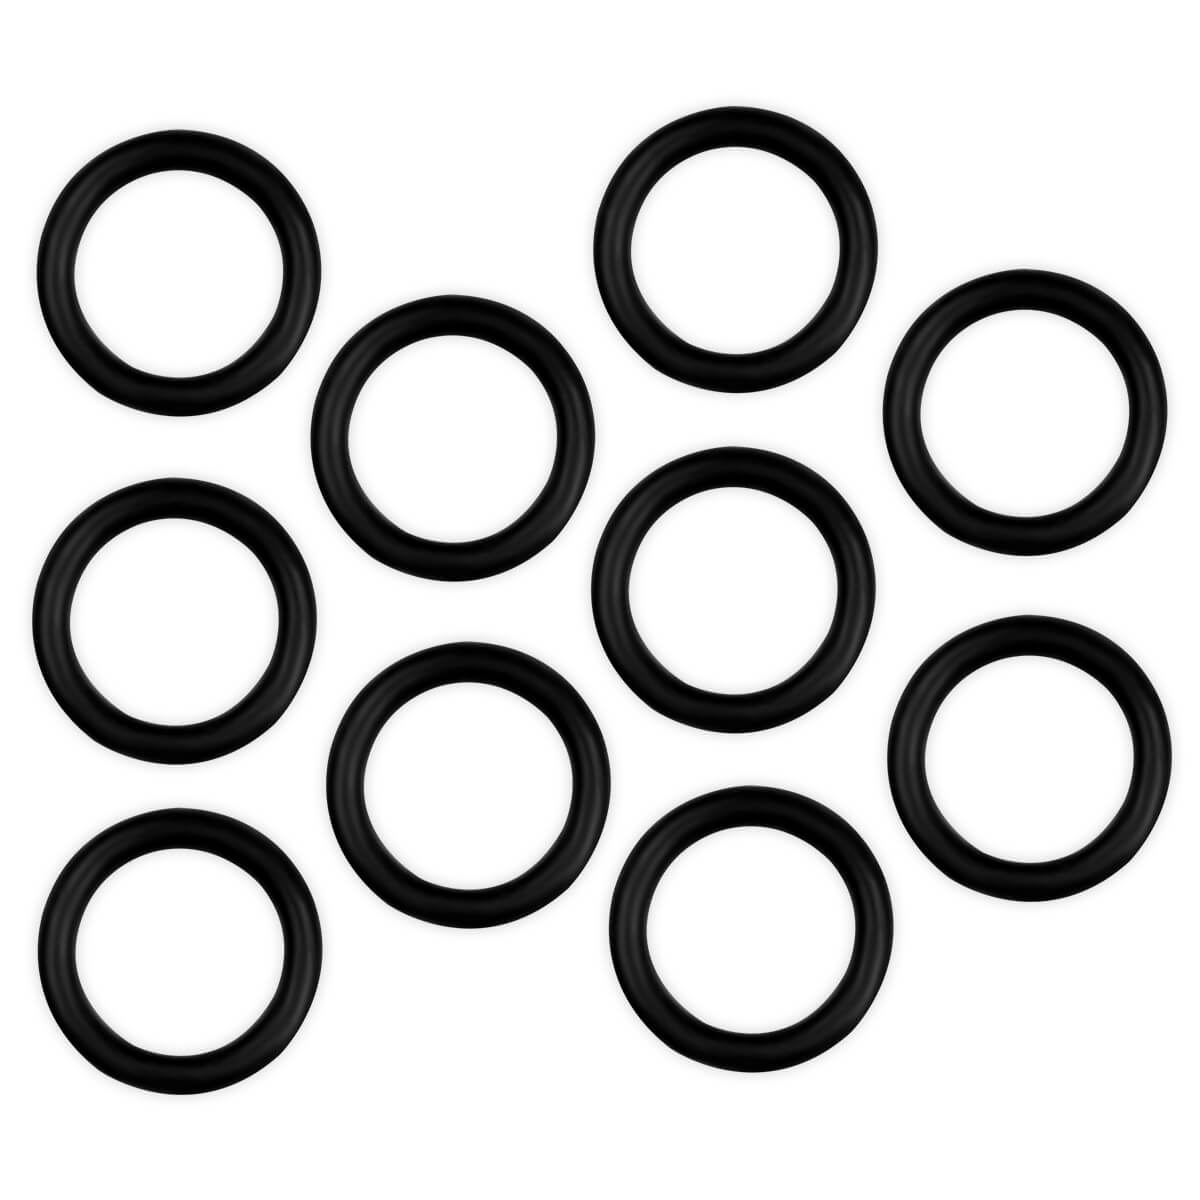 O-Rings (10 Pack)